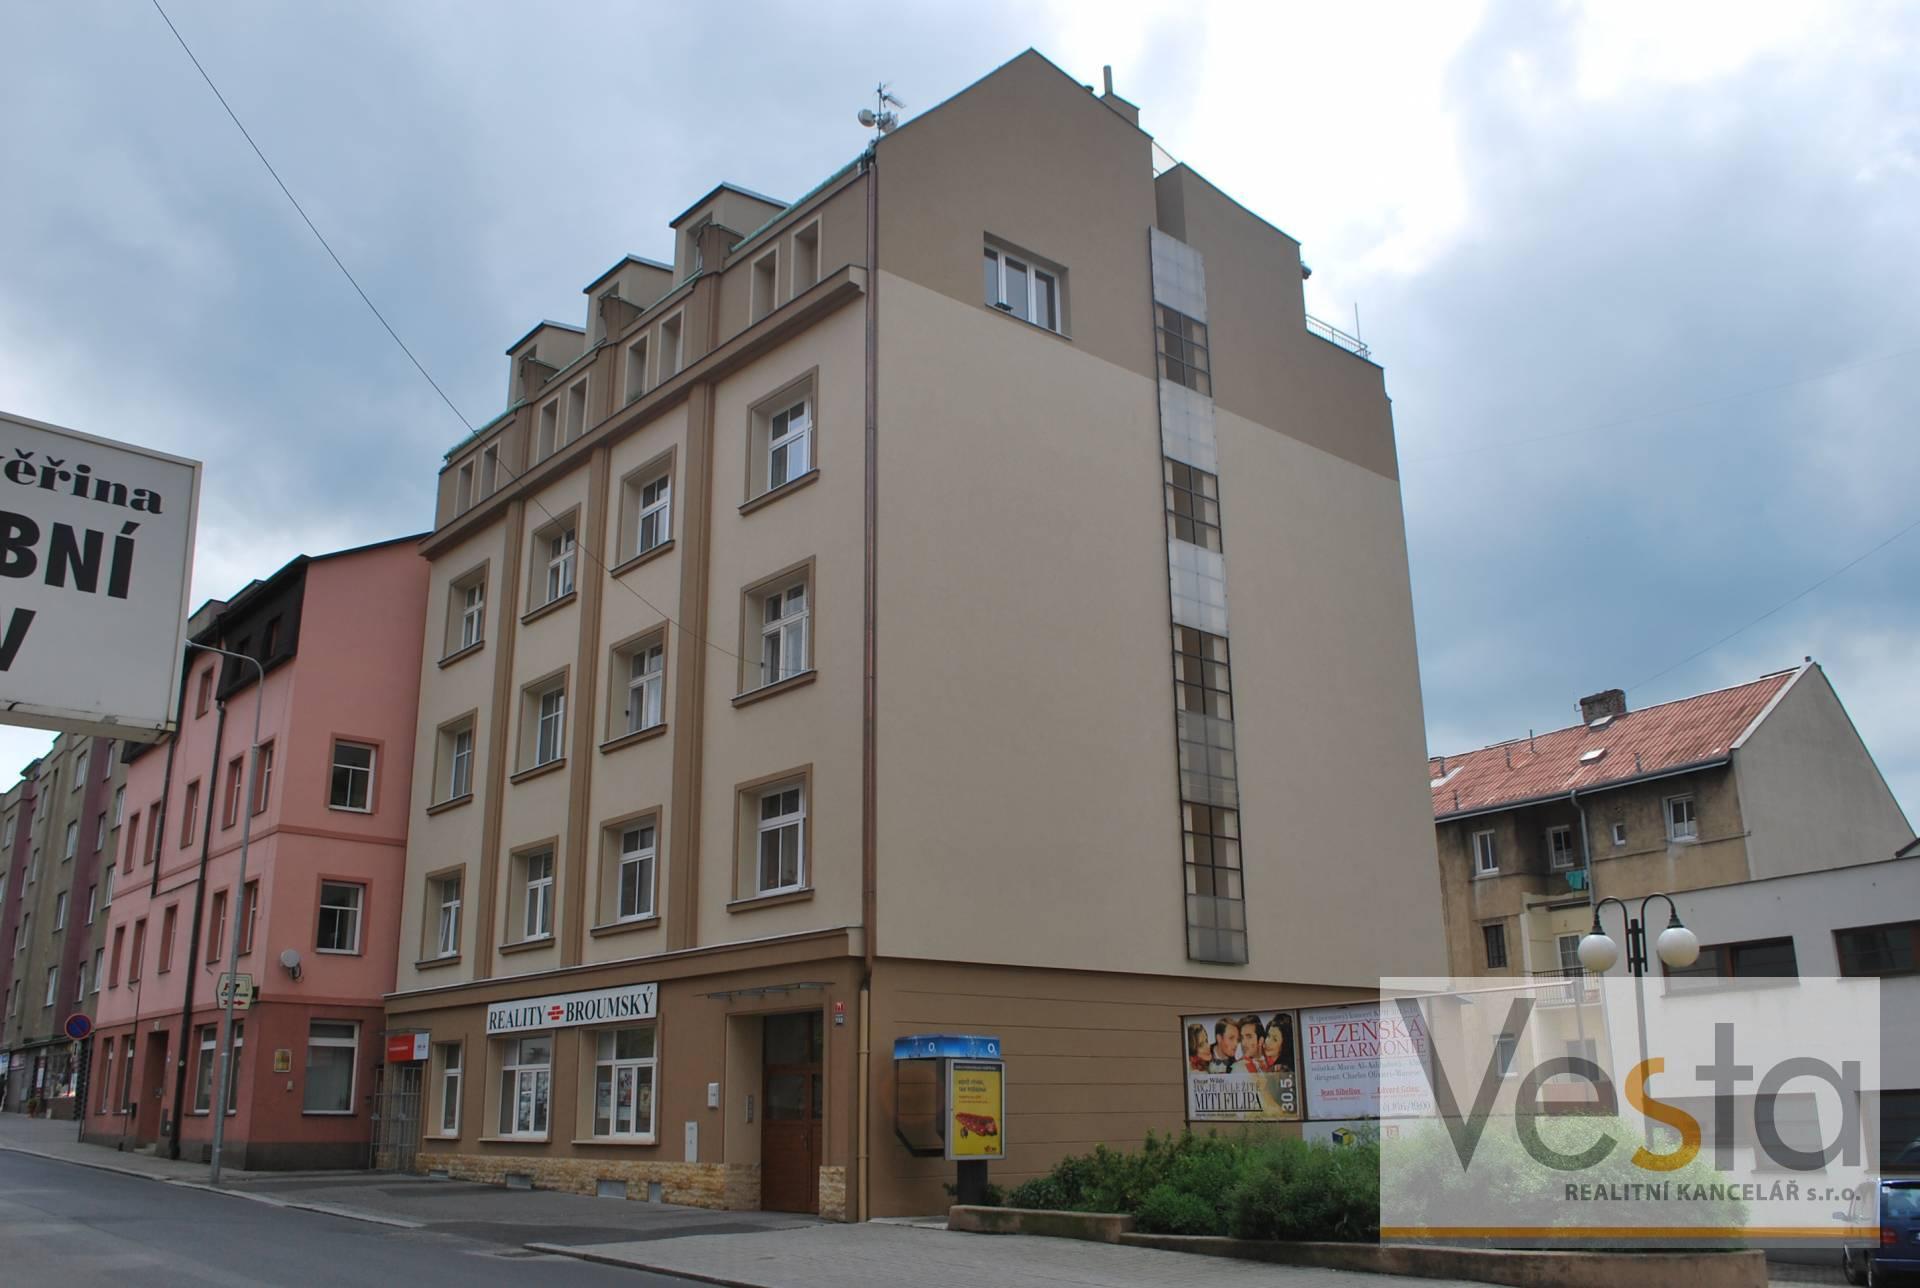 Zrekonstruovaný byt 1+1 s terasou s krásným výhledem